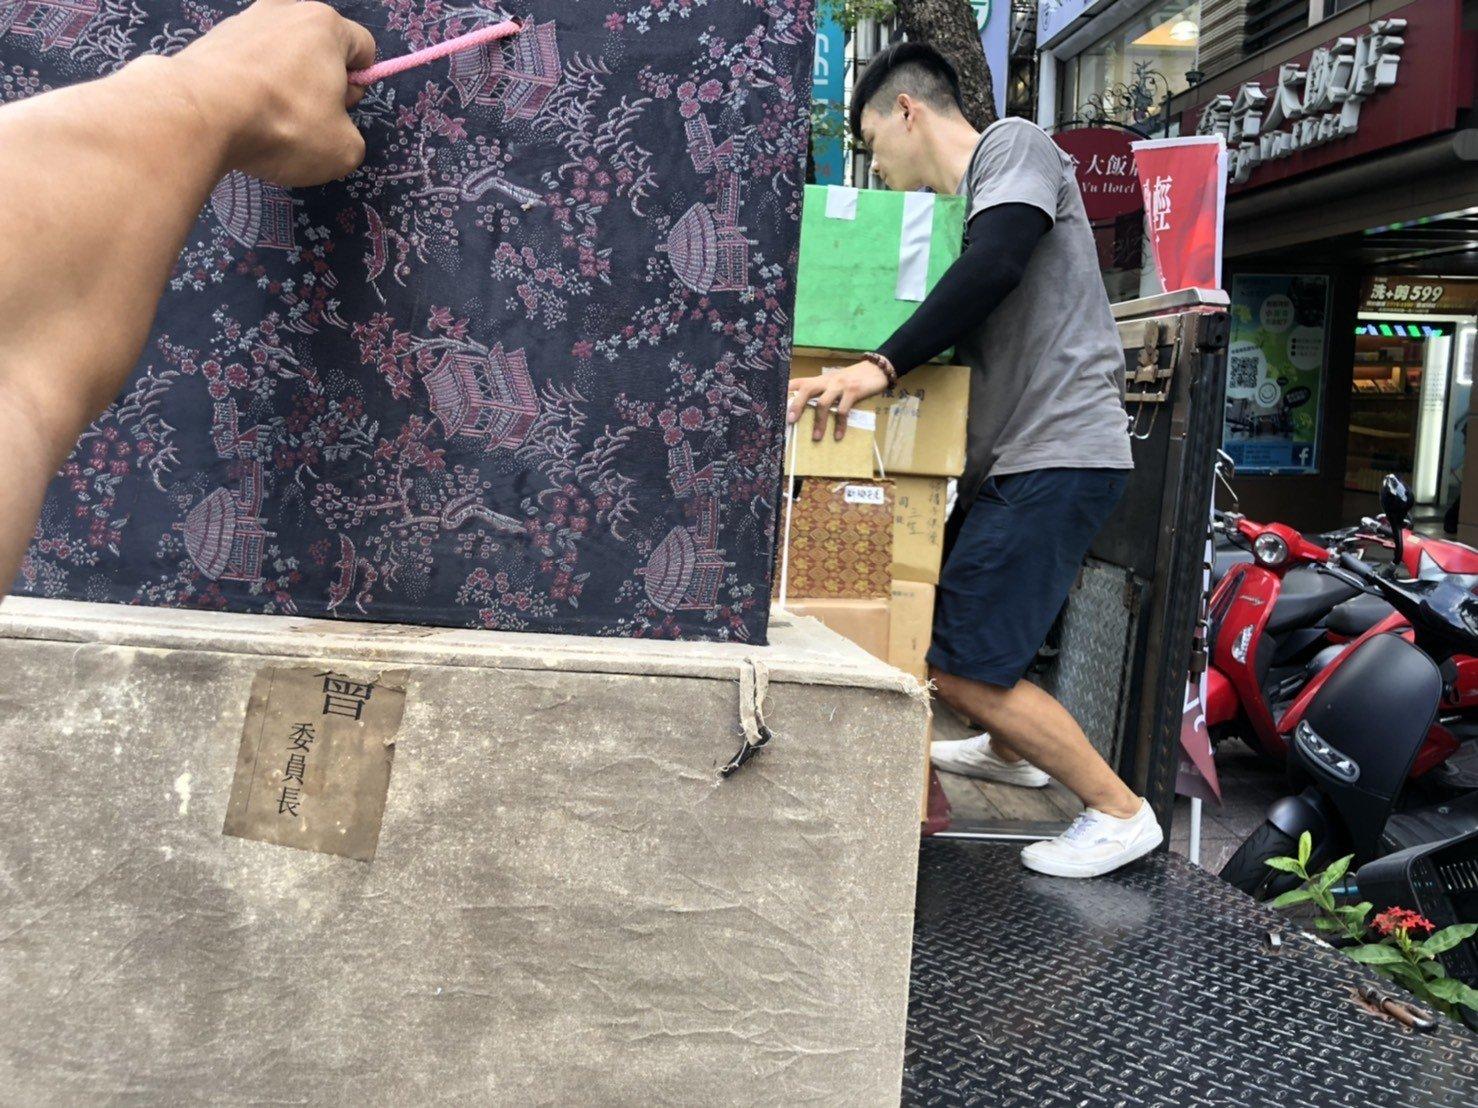 新北搬家公司【榮福搬家公司】台北搬家、值得您的推薦:佛像、佛塔、佛具、法器、紙箱包裝與搬運也是以最高品質來做服務。